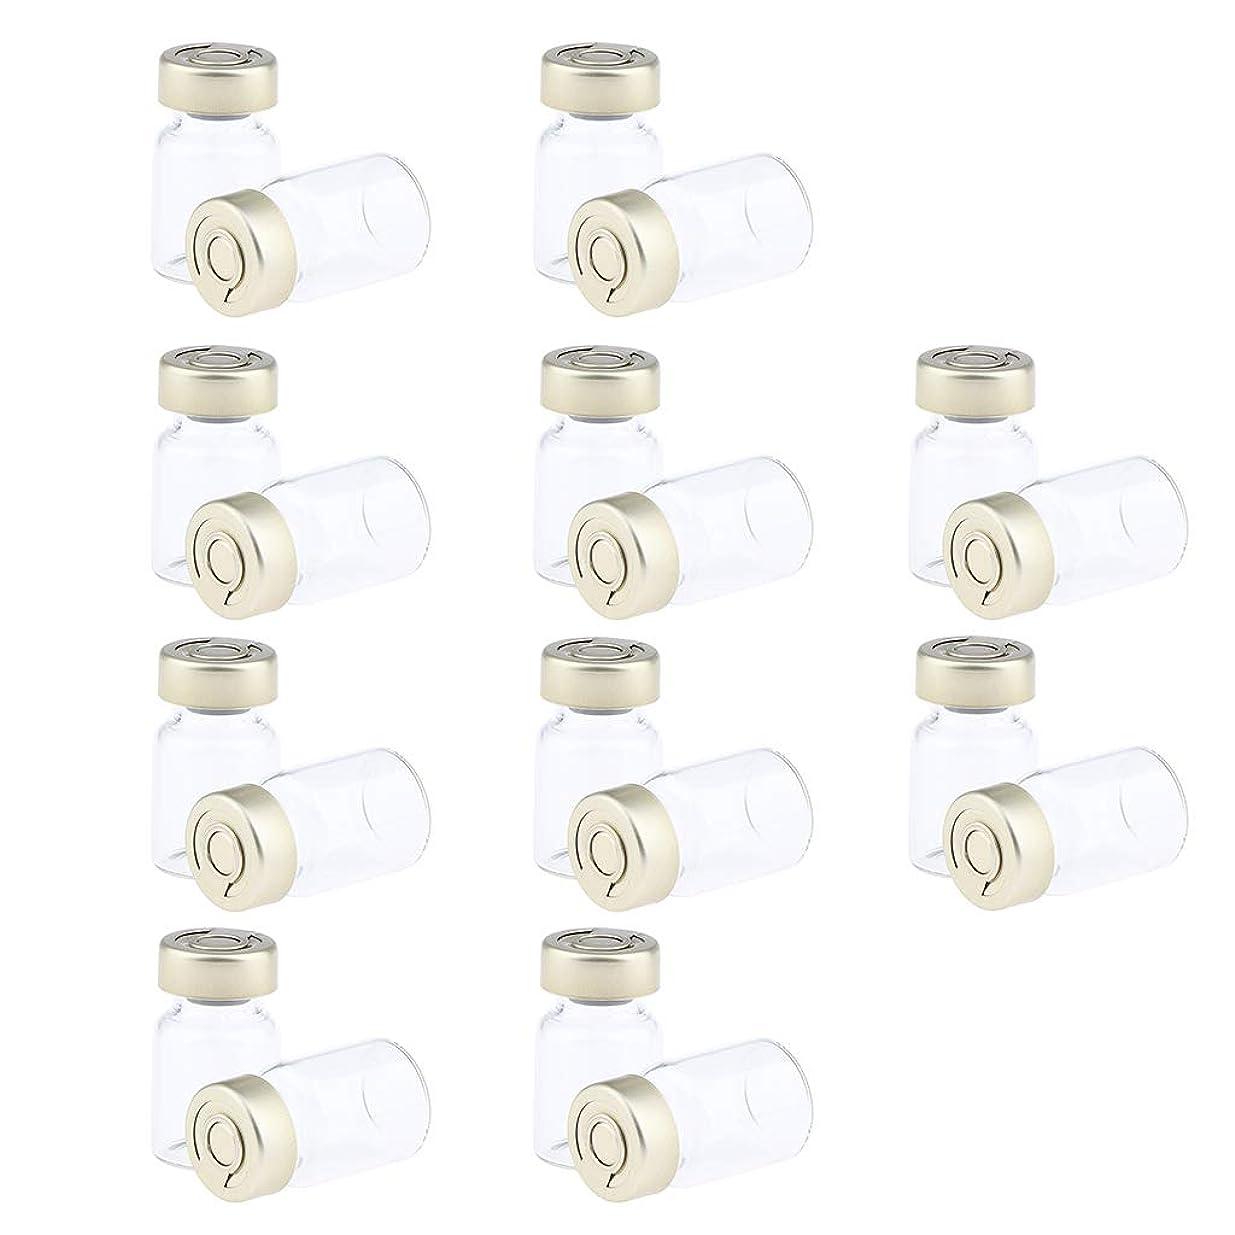 フラップ織るほぼF Fityle 約20個 密封バイアル 空ボトル ガラス密封 セラム バイアル びん 液体容器 3サイズ選べ - 5ミリリットル